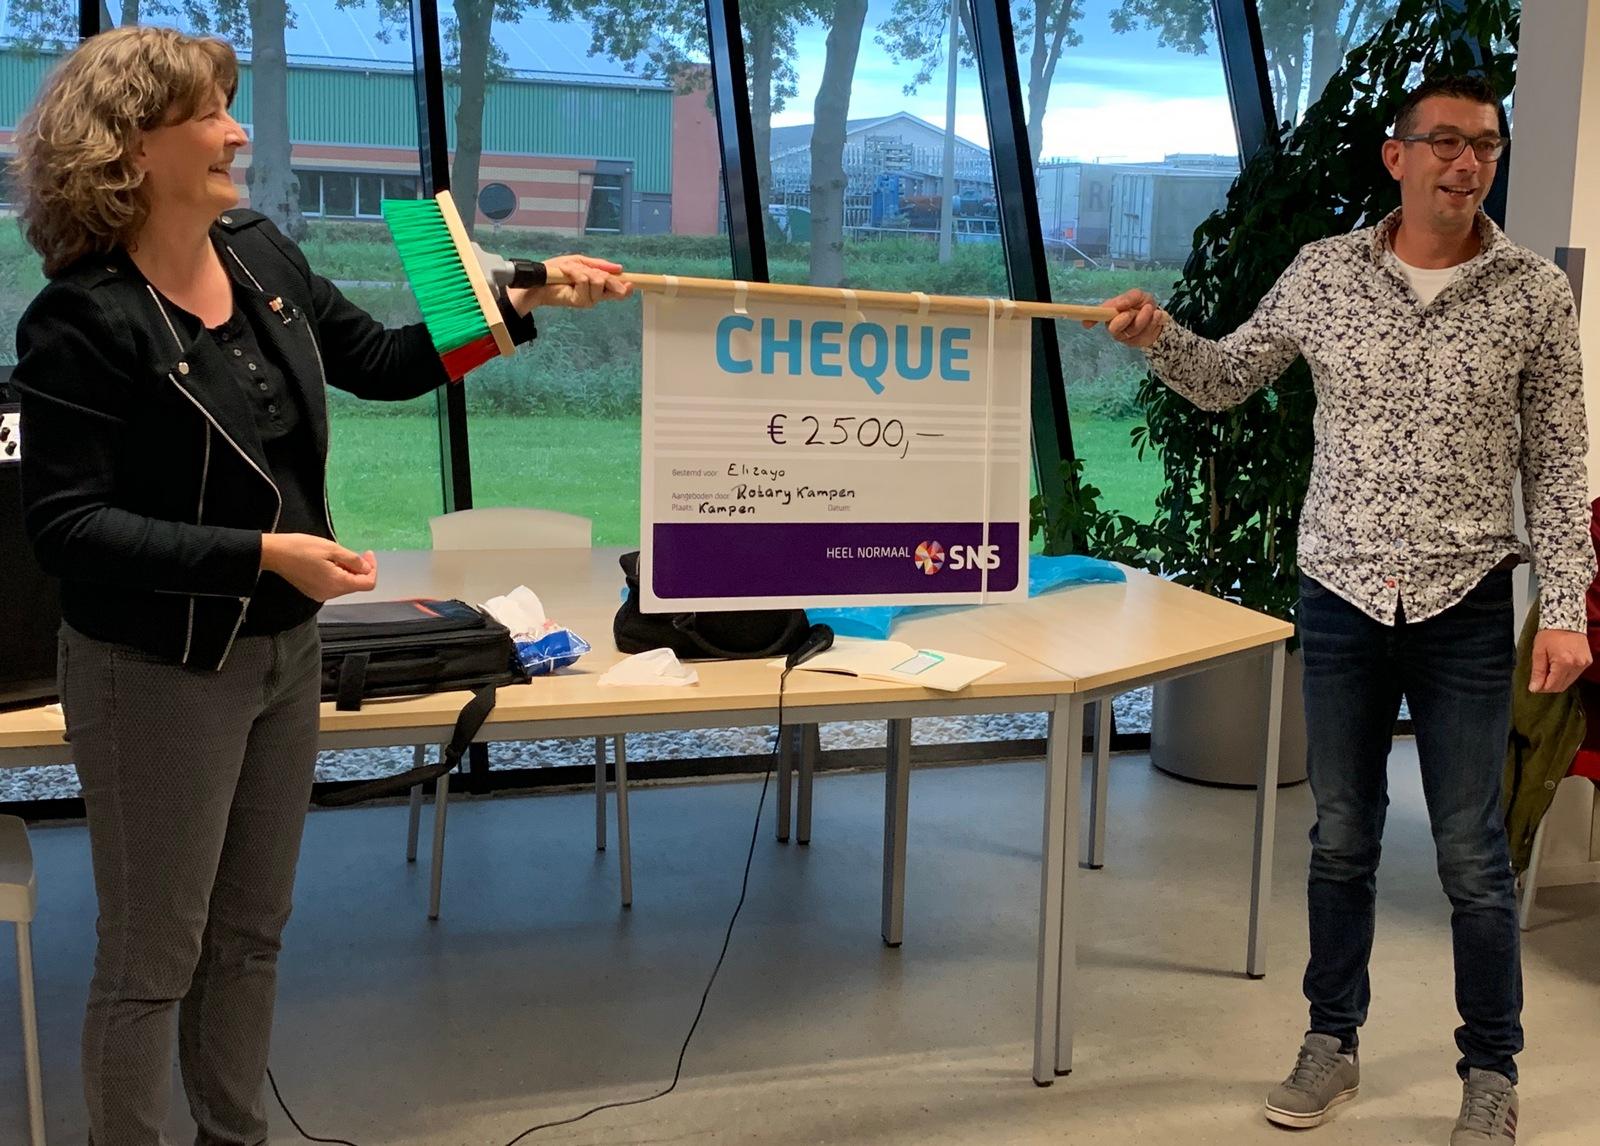 Rotaryclub Kampen steunt Stichting ElizaYo